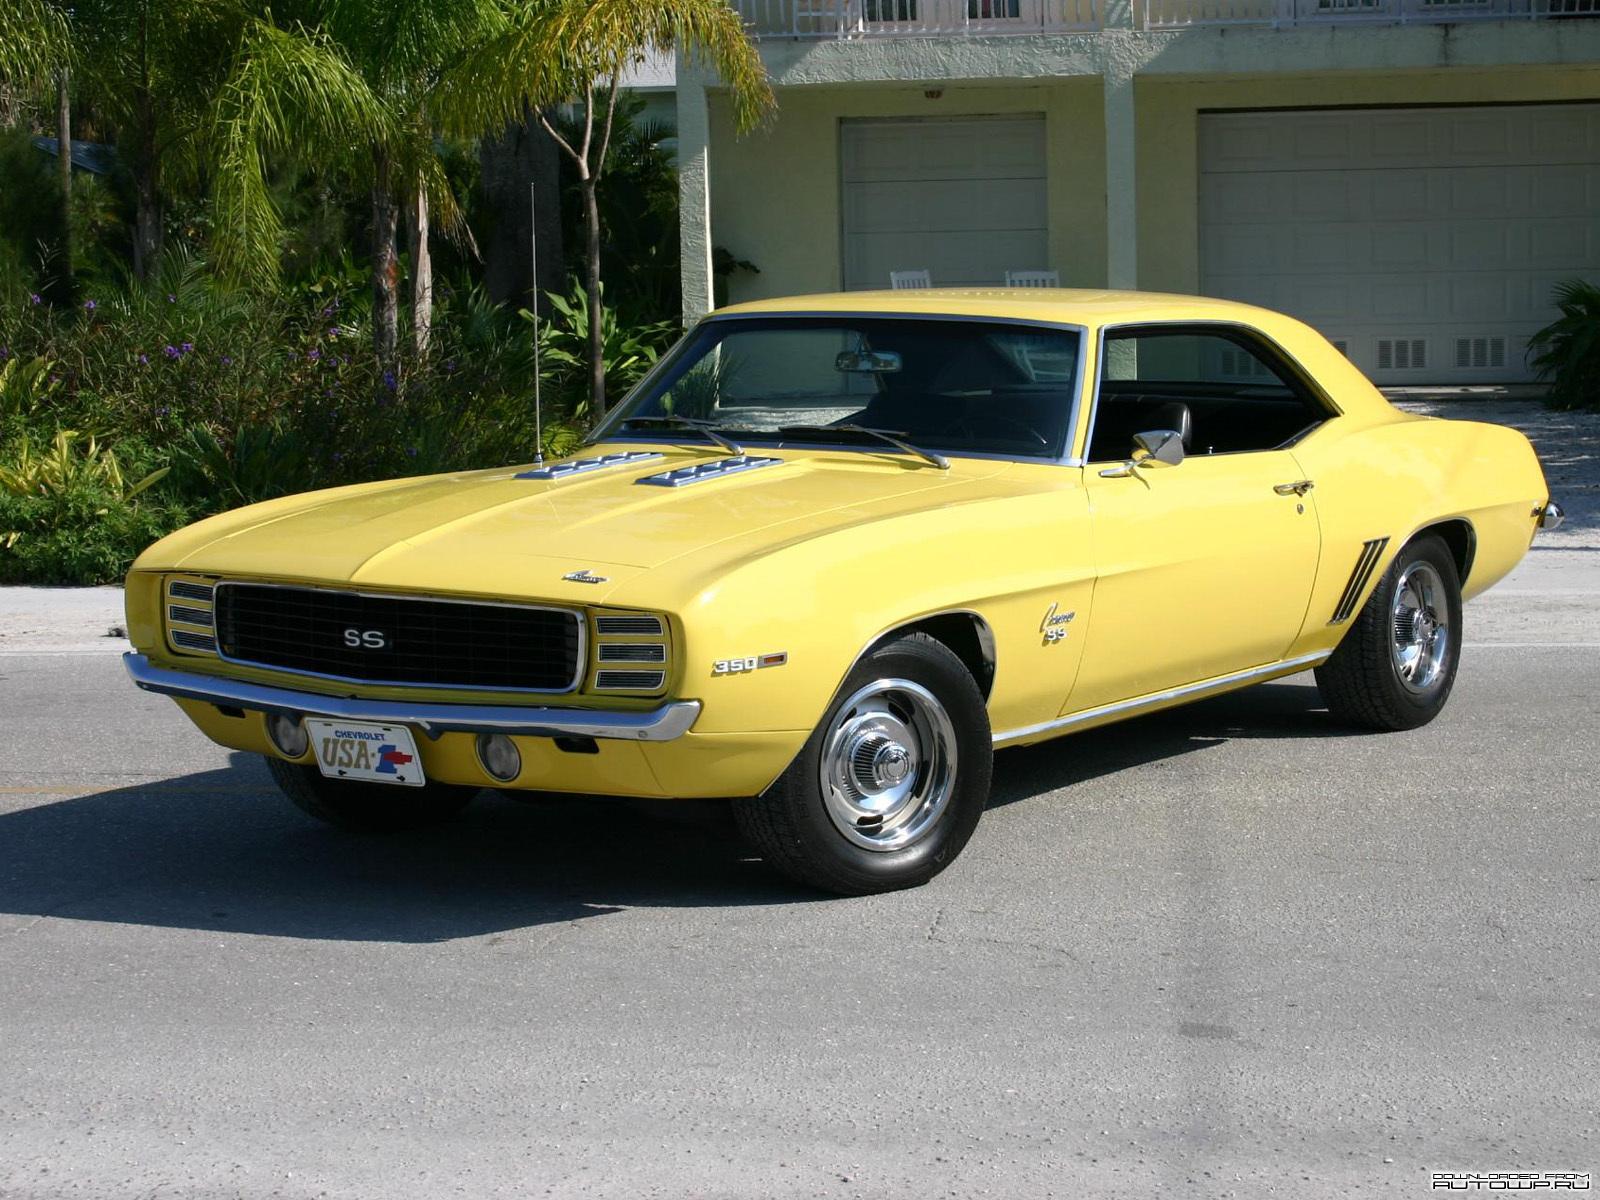 http://2.bp.blogspot.com/-ooZvs1R0NYo/T7O6wzh38OI/AAAAAAAAA1Y/mC_O1CcbrQo/s1600/Muscle-Cars-Wallpapers-%2B0047.jpg